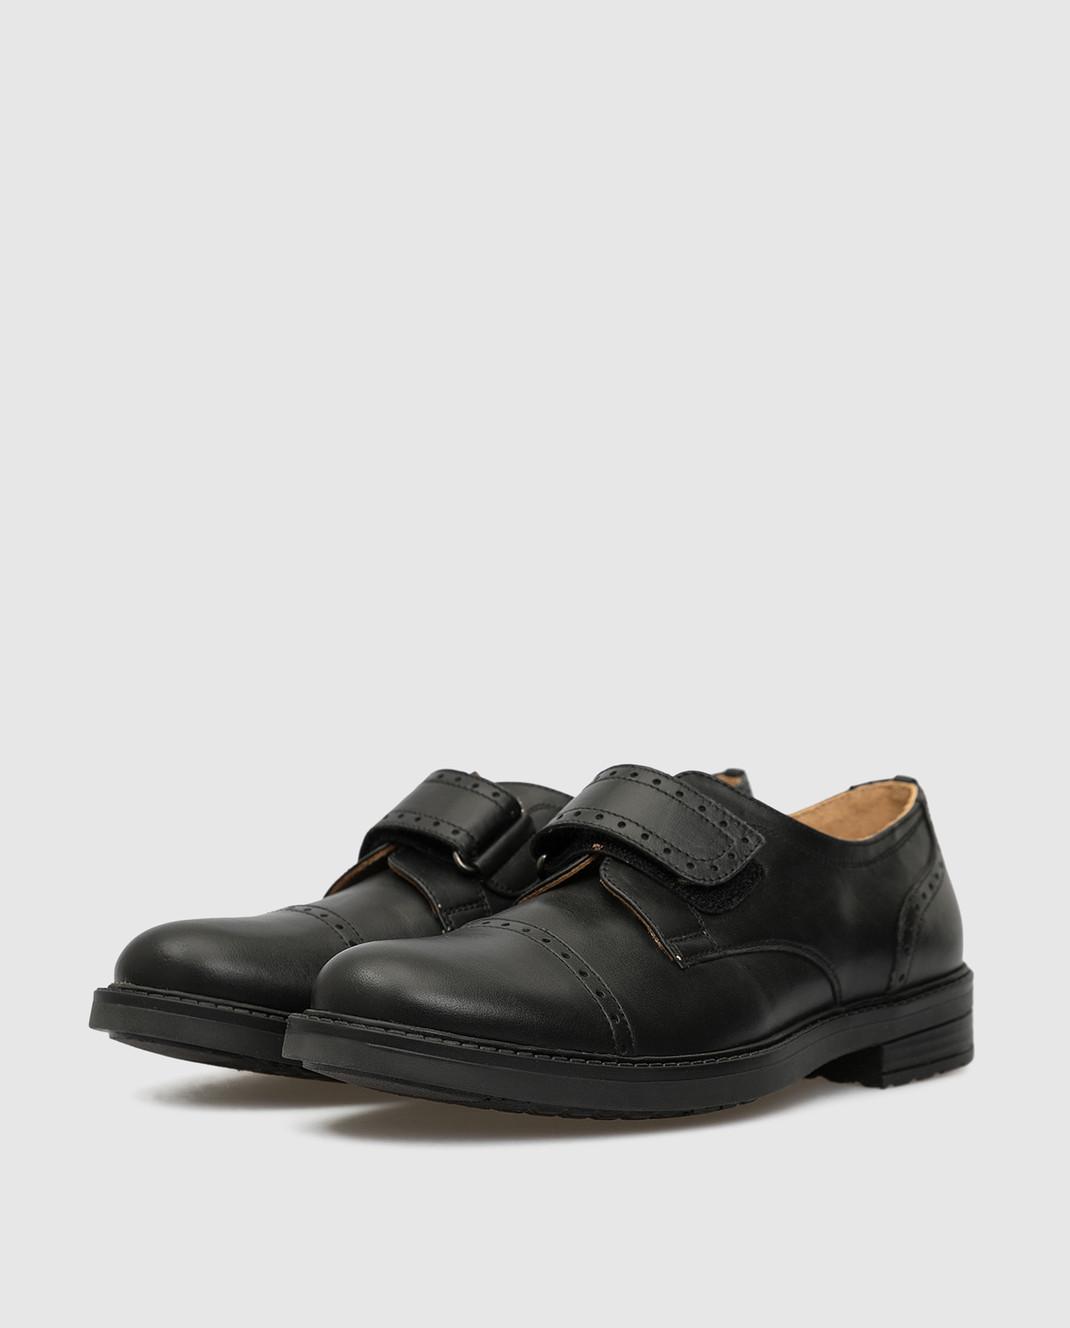 Zecchino D'oro Детские черные кожаные дерби M1575023640 изображение 2